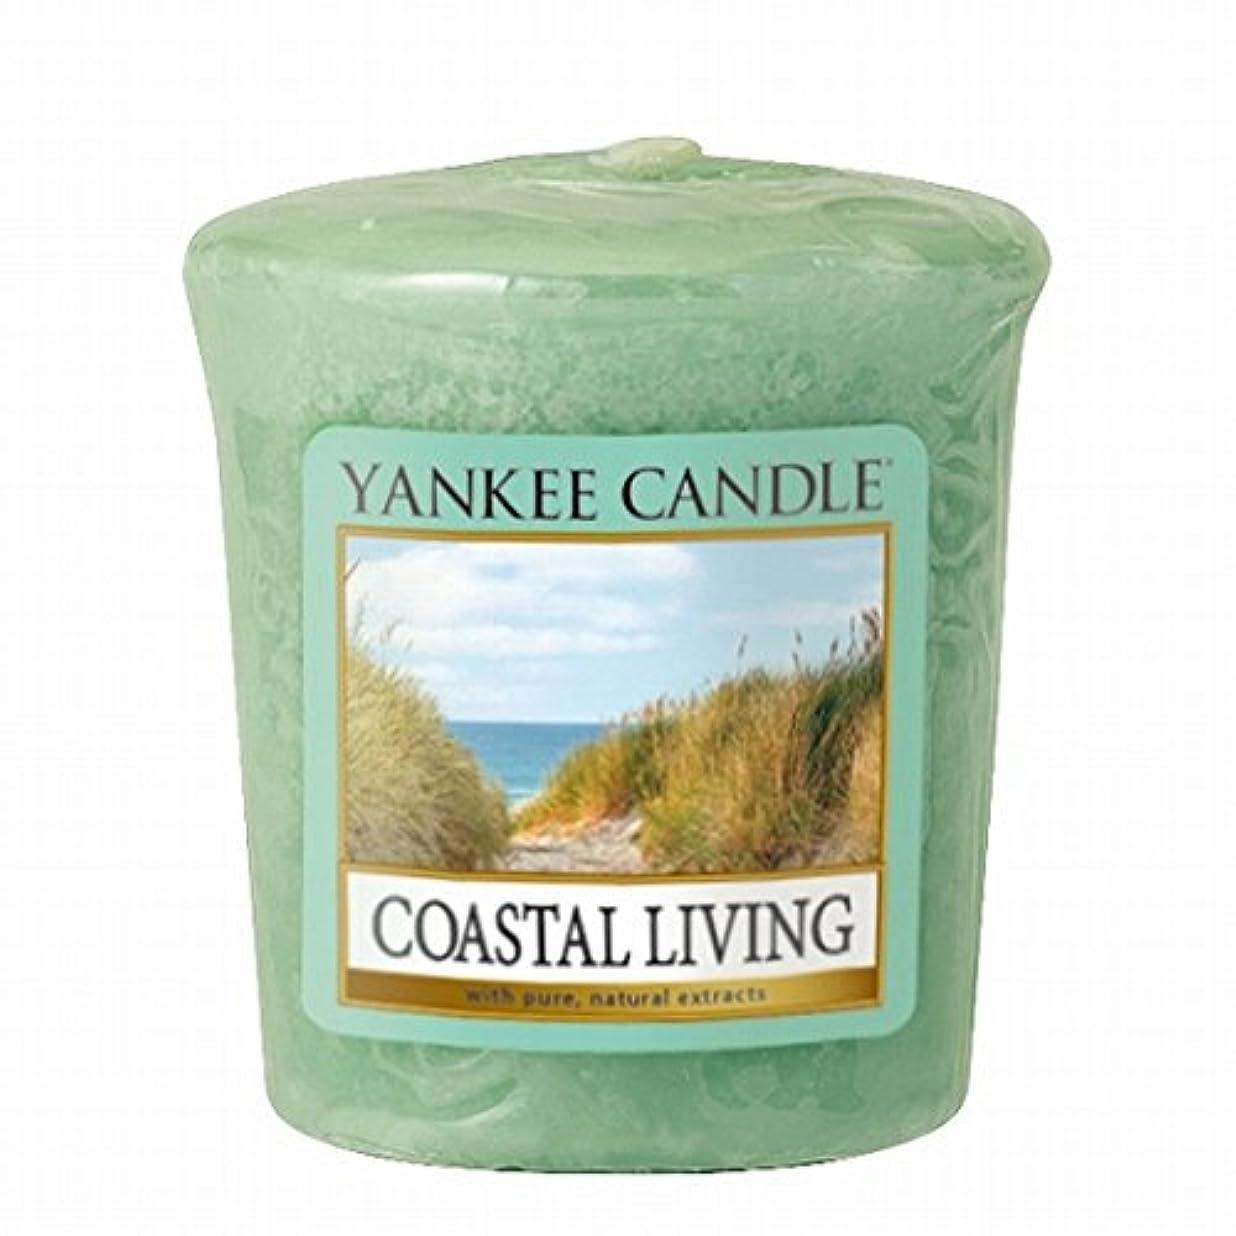 露出度の高い標高ラグYANKEE CANDLE(ヤンキーキャンドル) YANKEE CANDLE サンプラー 「コースタルリビング」6個セット(K00105292)